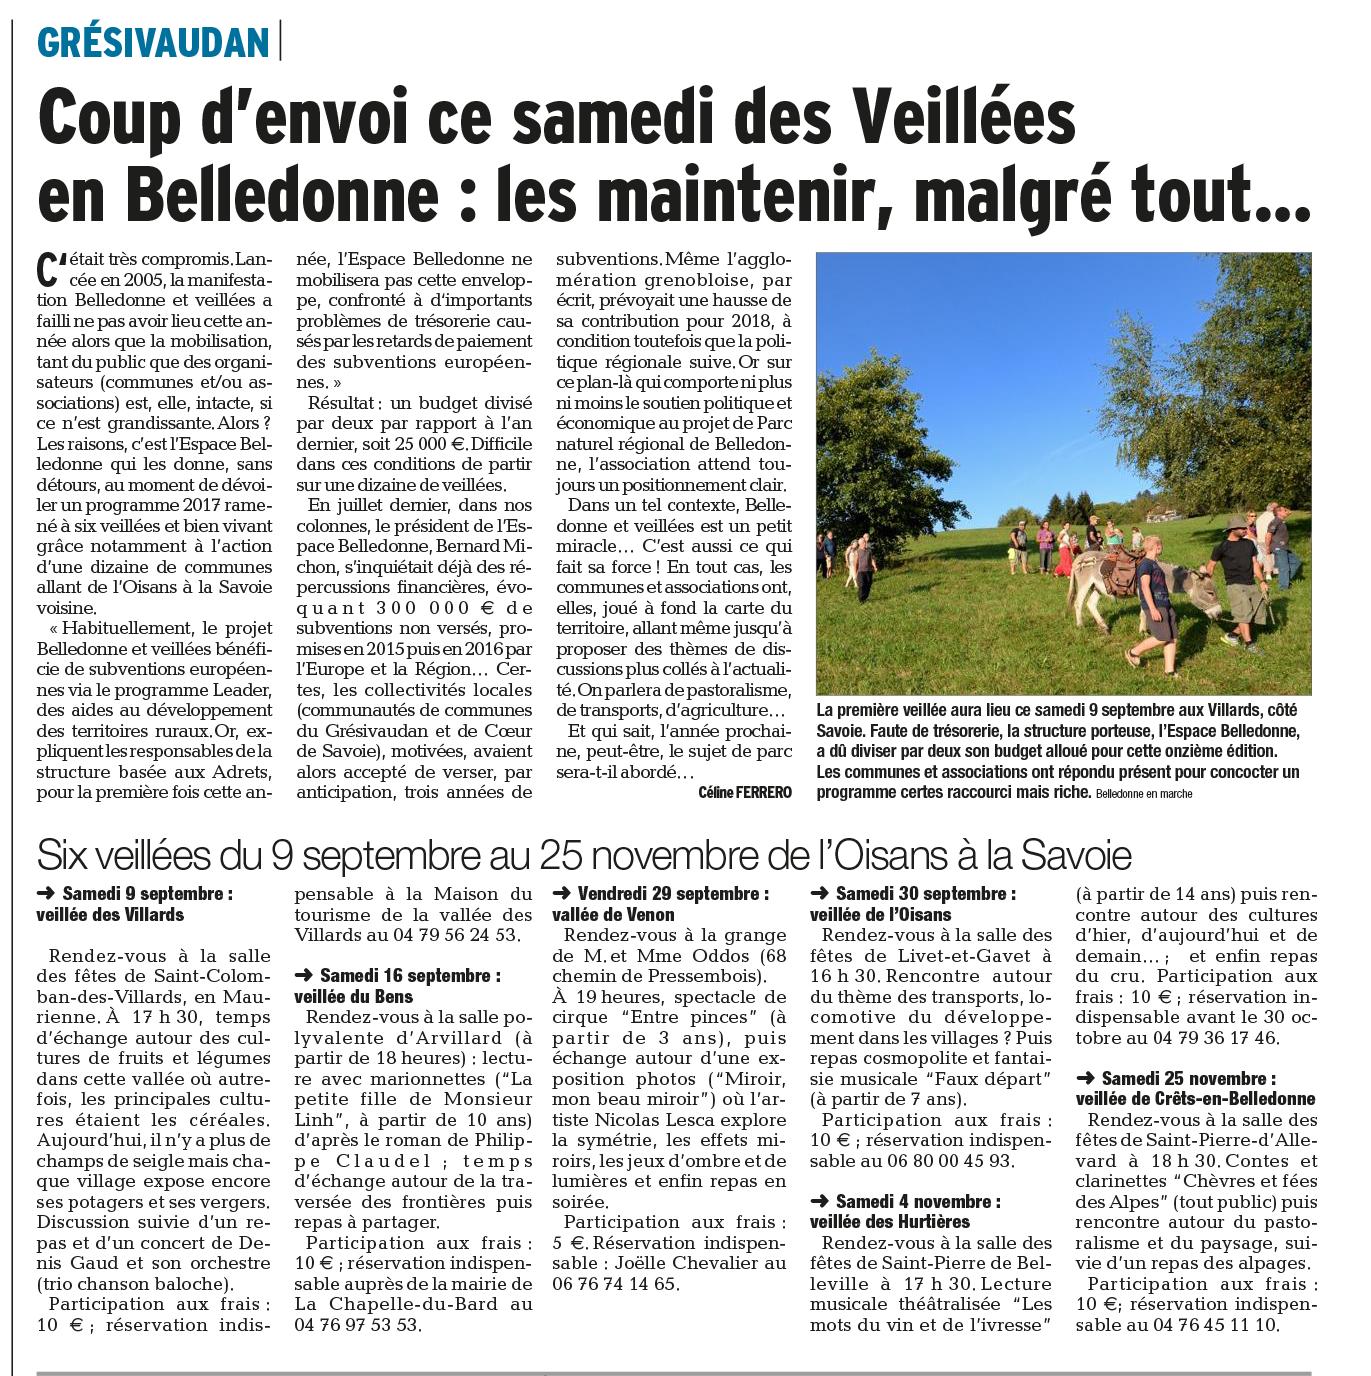 Coup d'envoi des veillées en Belledonne : les maintenir malgré tout...